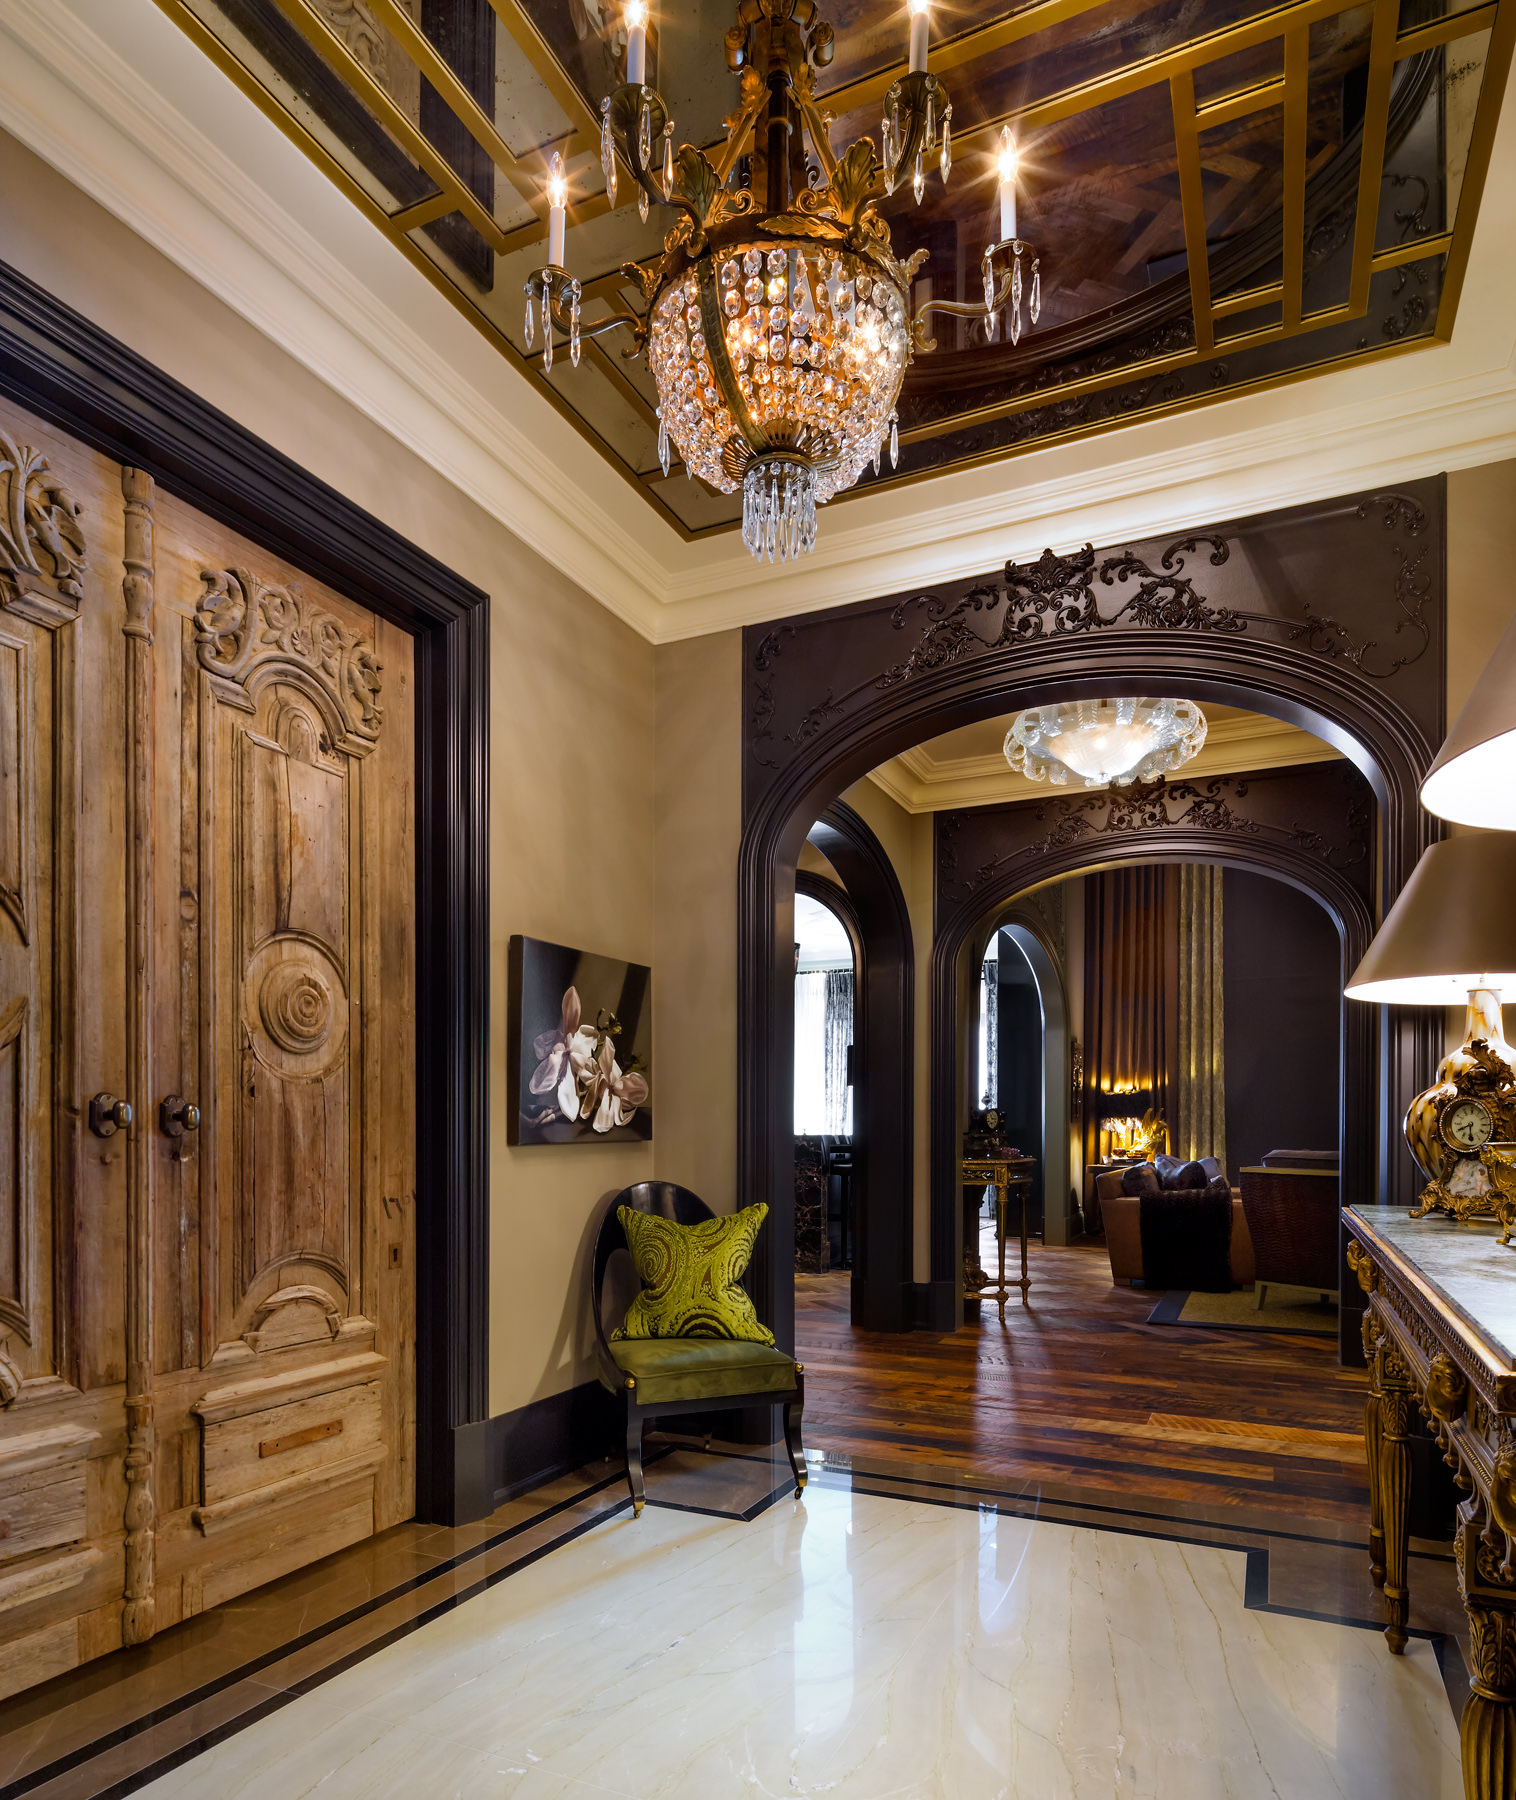 U Home Interior Design Forum: Interior Designer Lori Morris